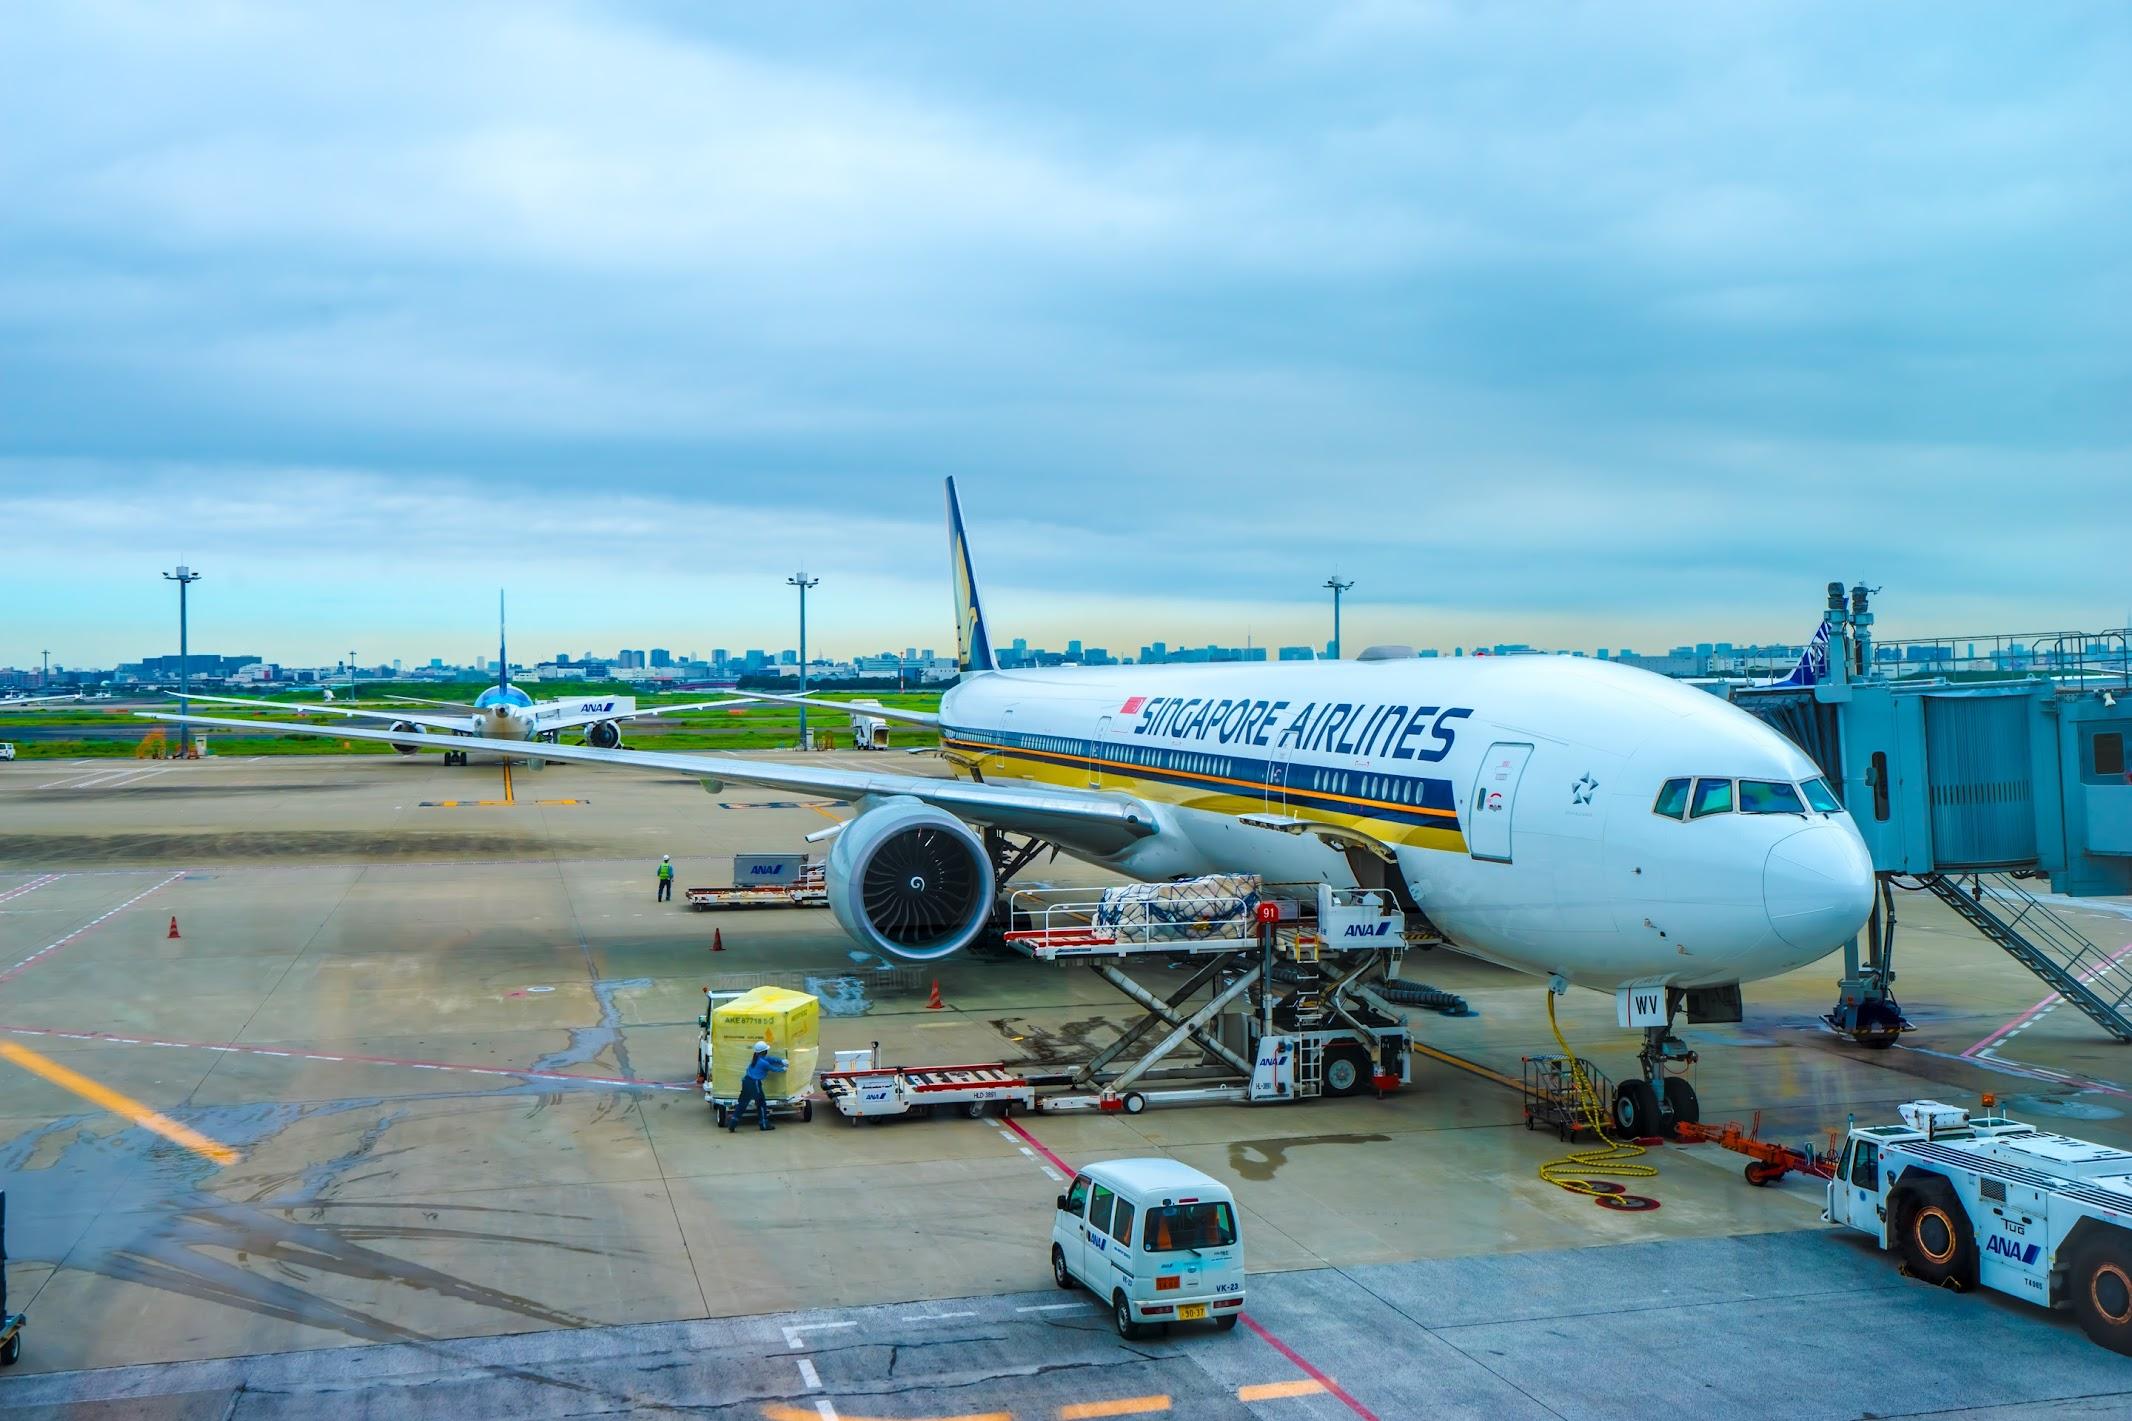 羽田空港 シンガポール航空2